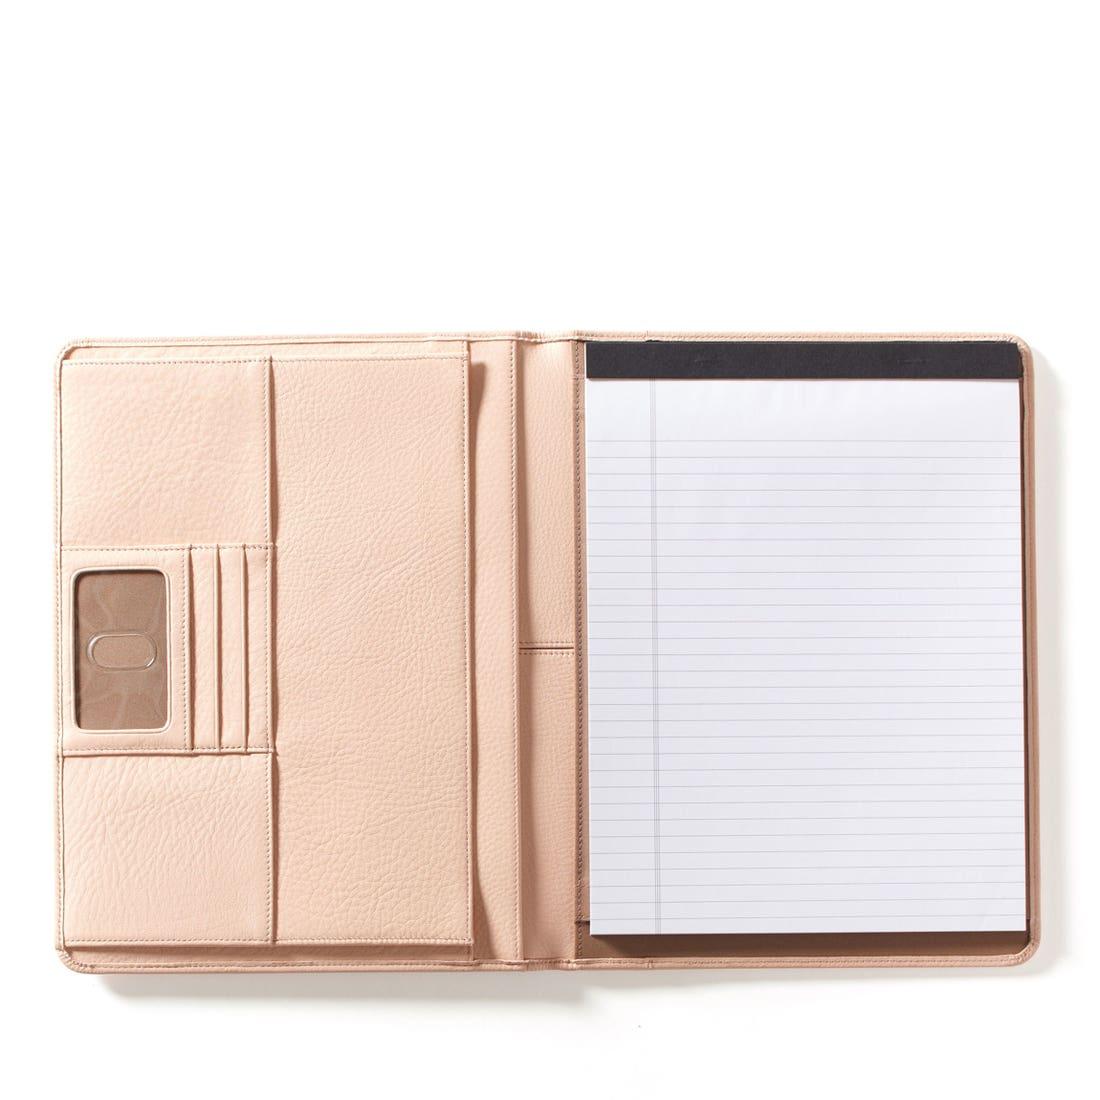 Deluxe Folio